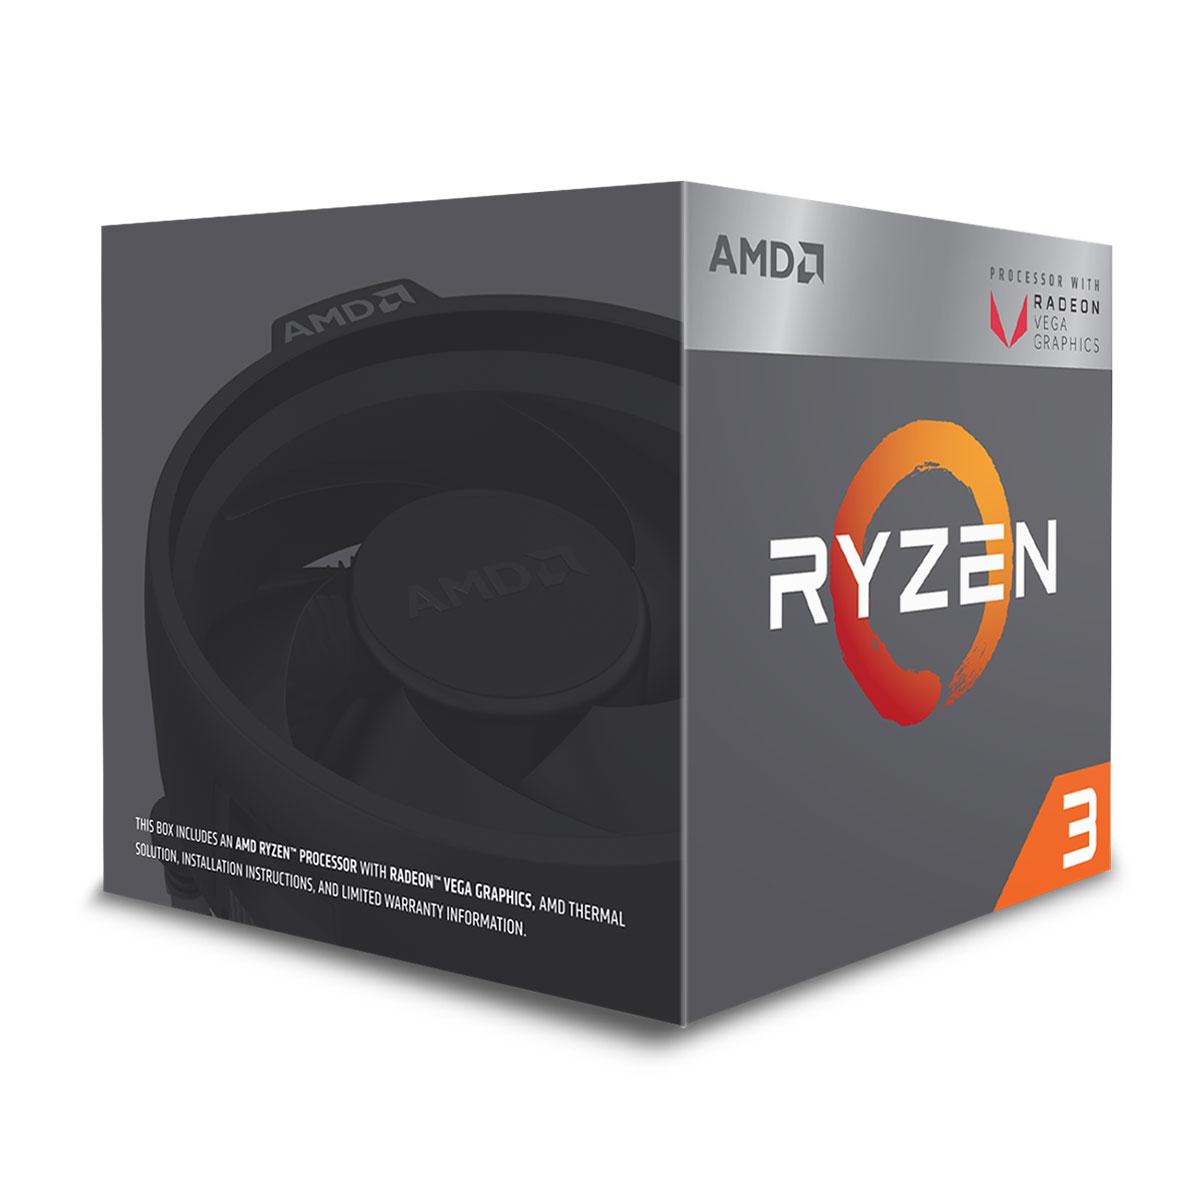 Processeur AMD Ryzen 3 2200G Wraith Stealth Edition (3.5 GHz) avec mise à jour BIOS Processeur Quad Core socket AM4 Cache L3 4 Mo Radeon Vega Graphics 8 coeurs  0.014 micron TDP 65W avec système de refroidissement (version boîte - garantie constructeur 3 ans)